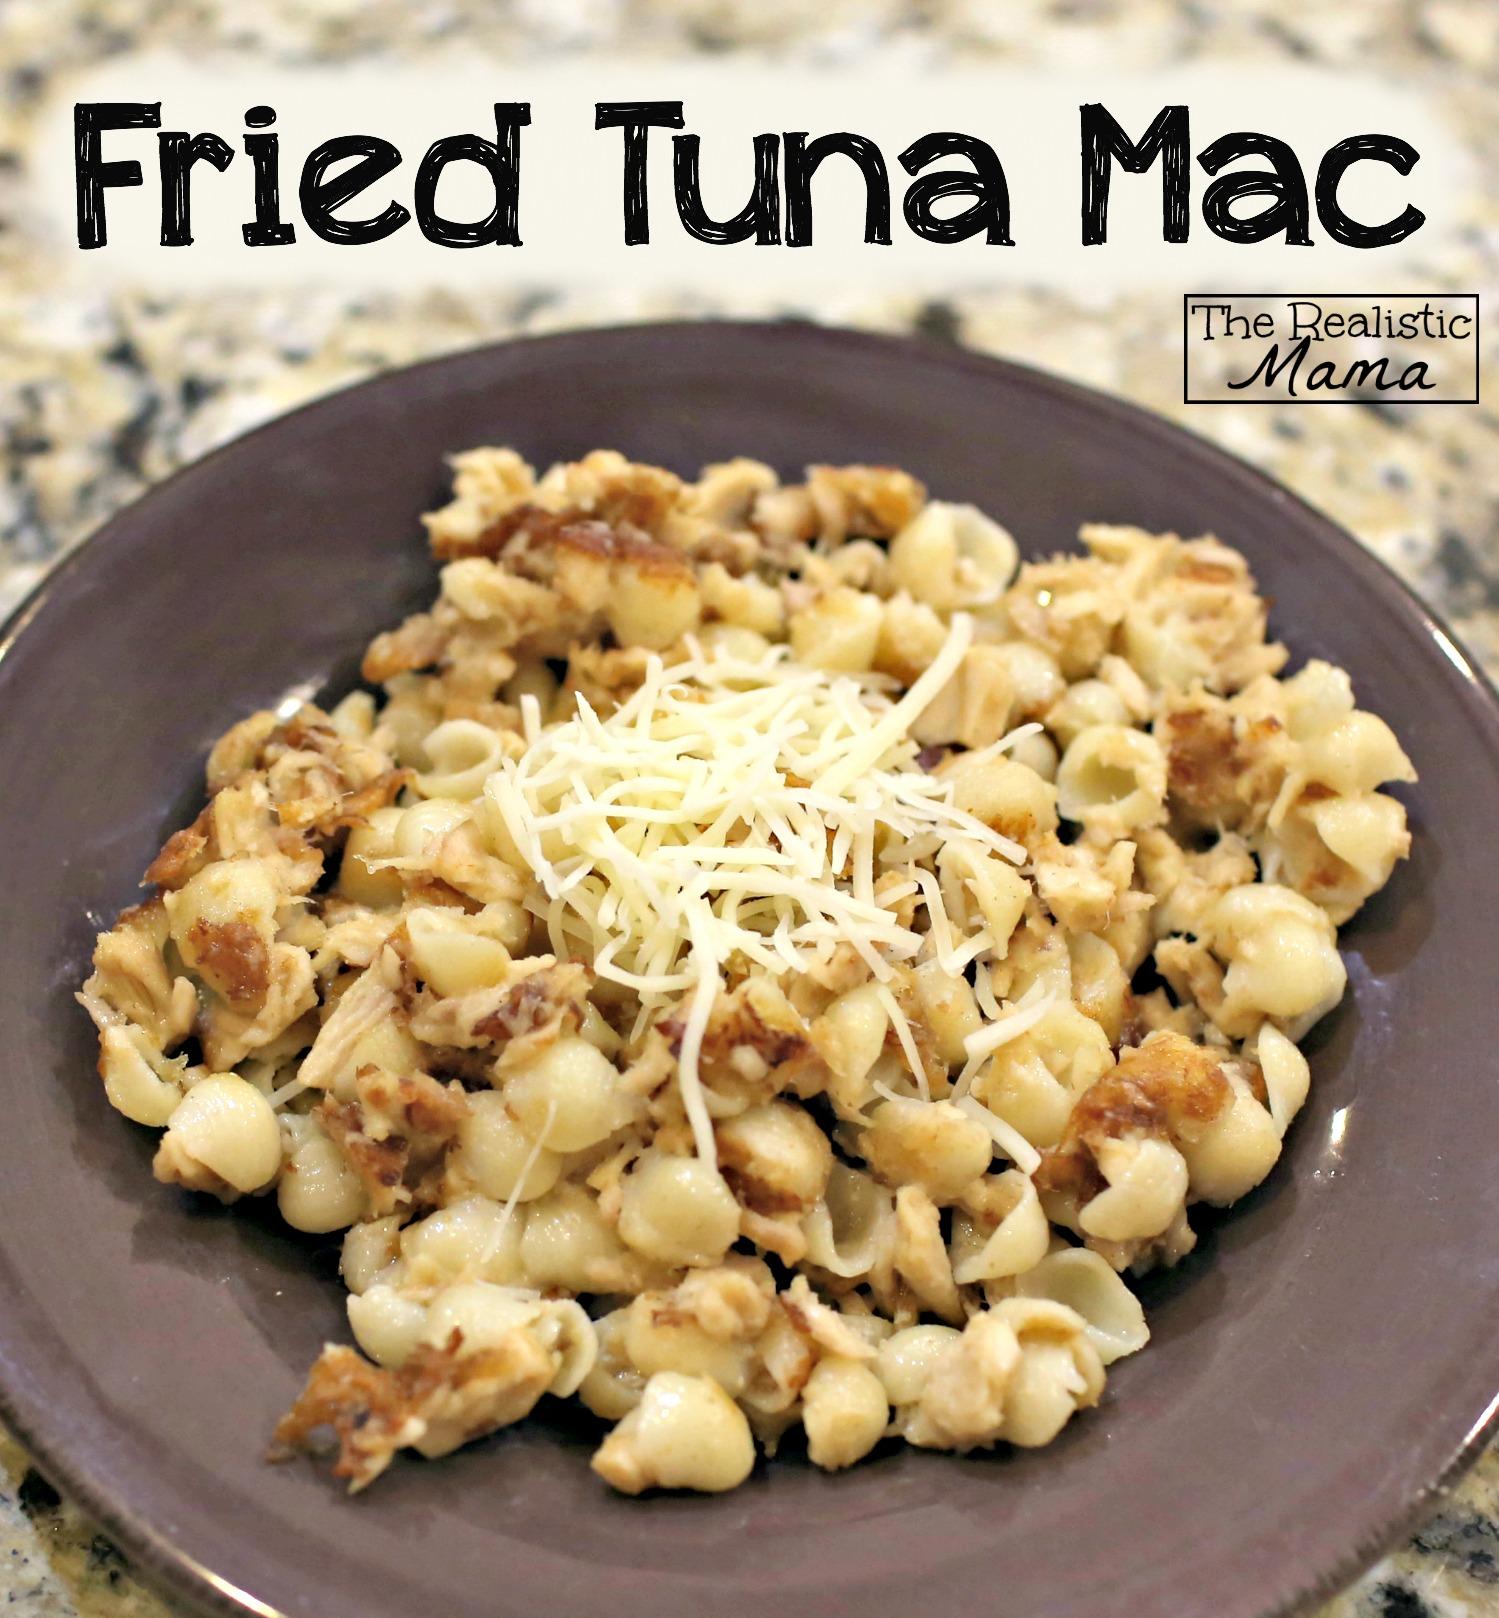 Fried Tuna Mac Recipe